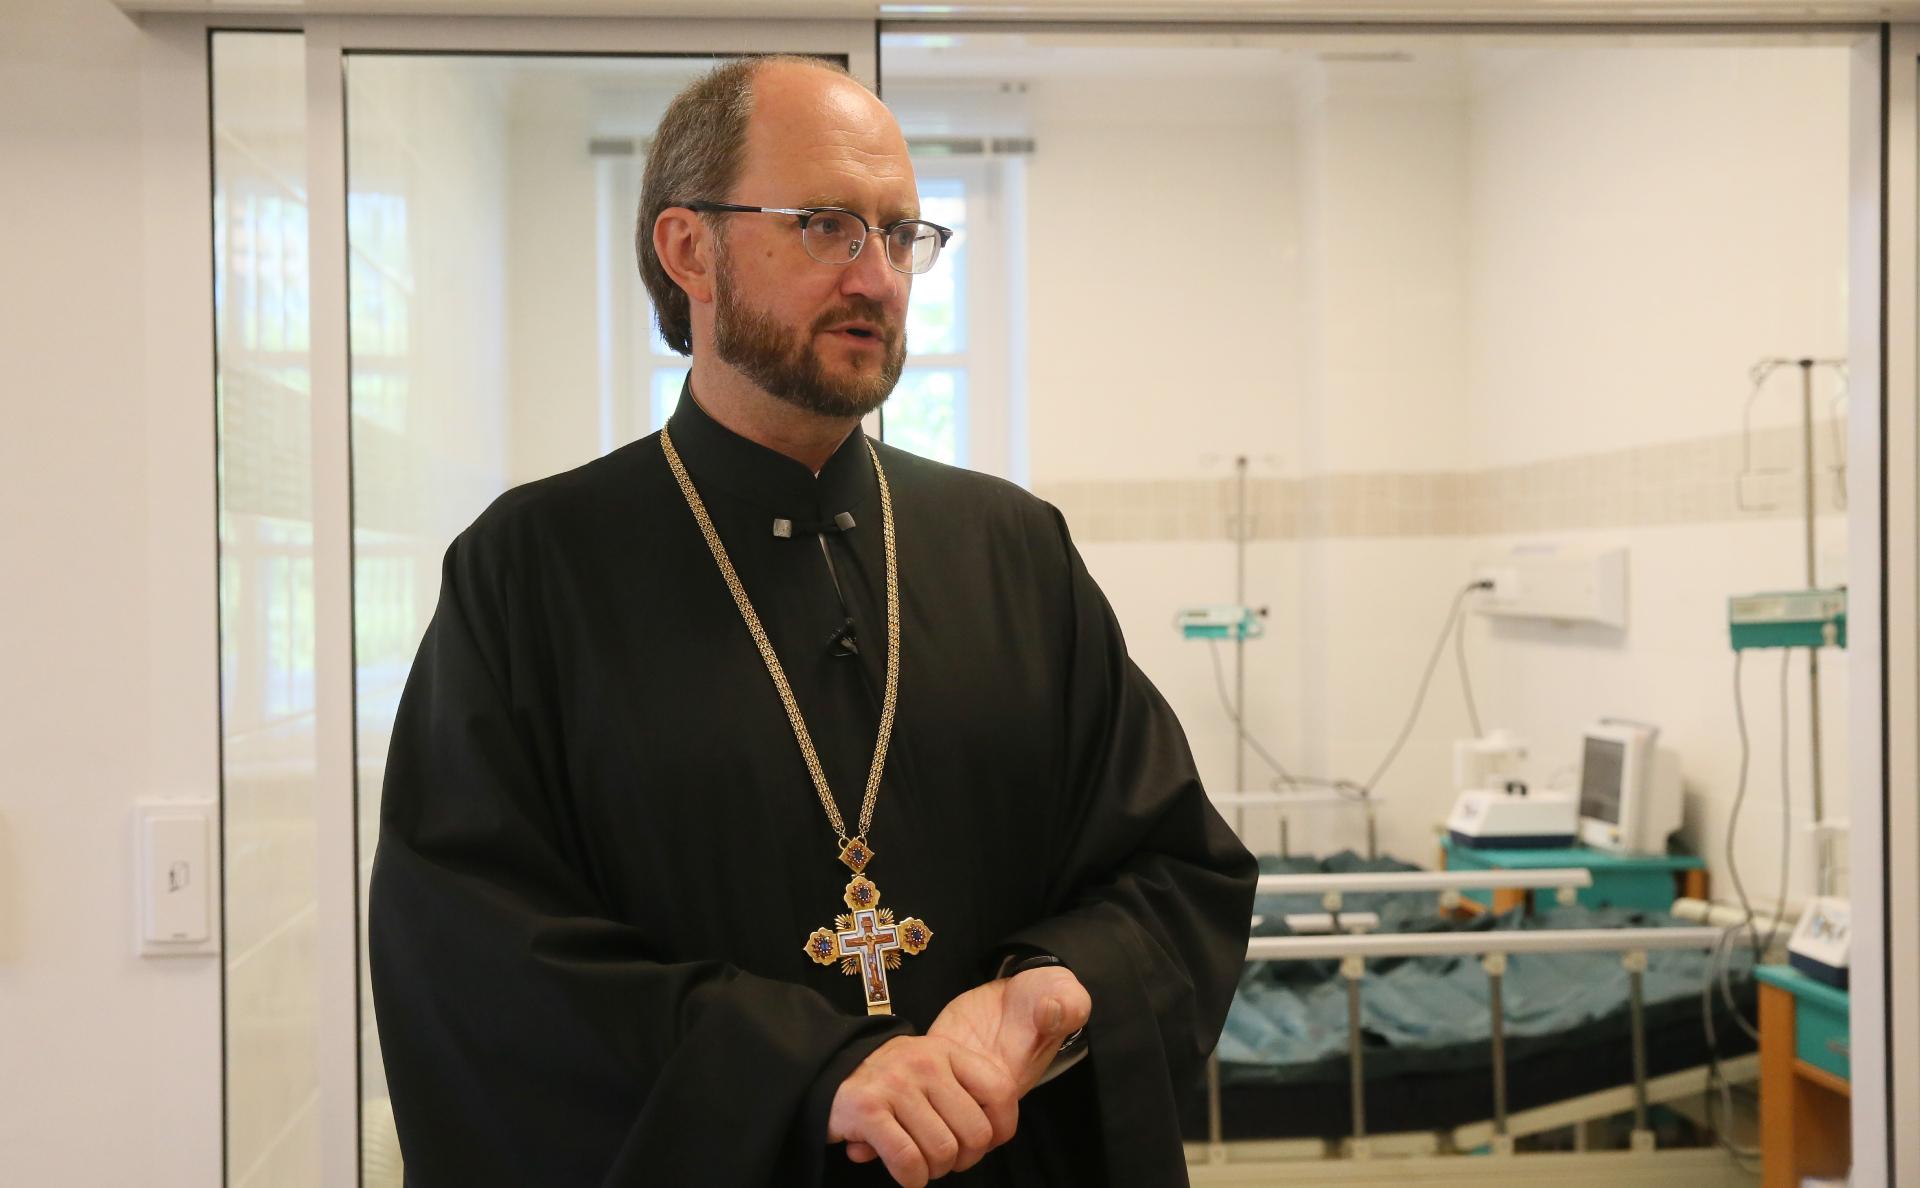 СМИ узнали о плане назначить священника главой фонда помощи больным детям